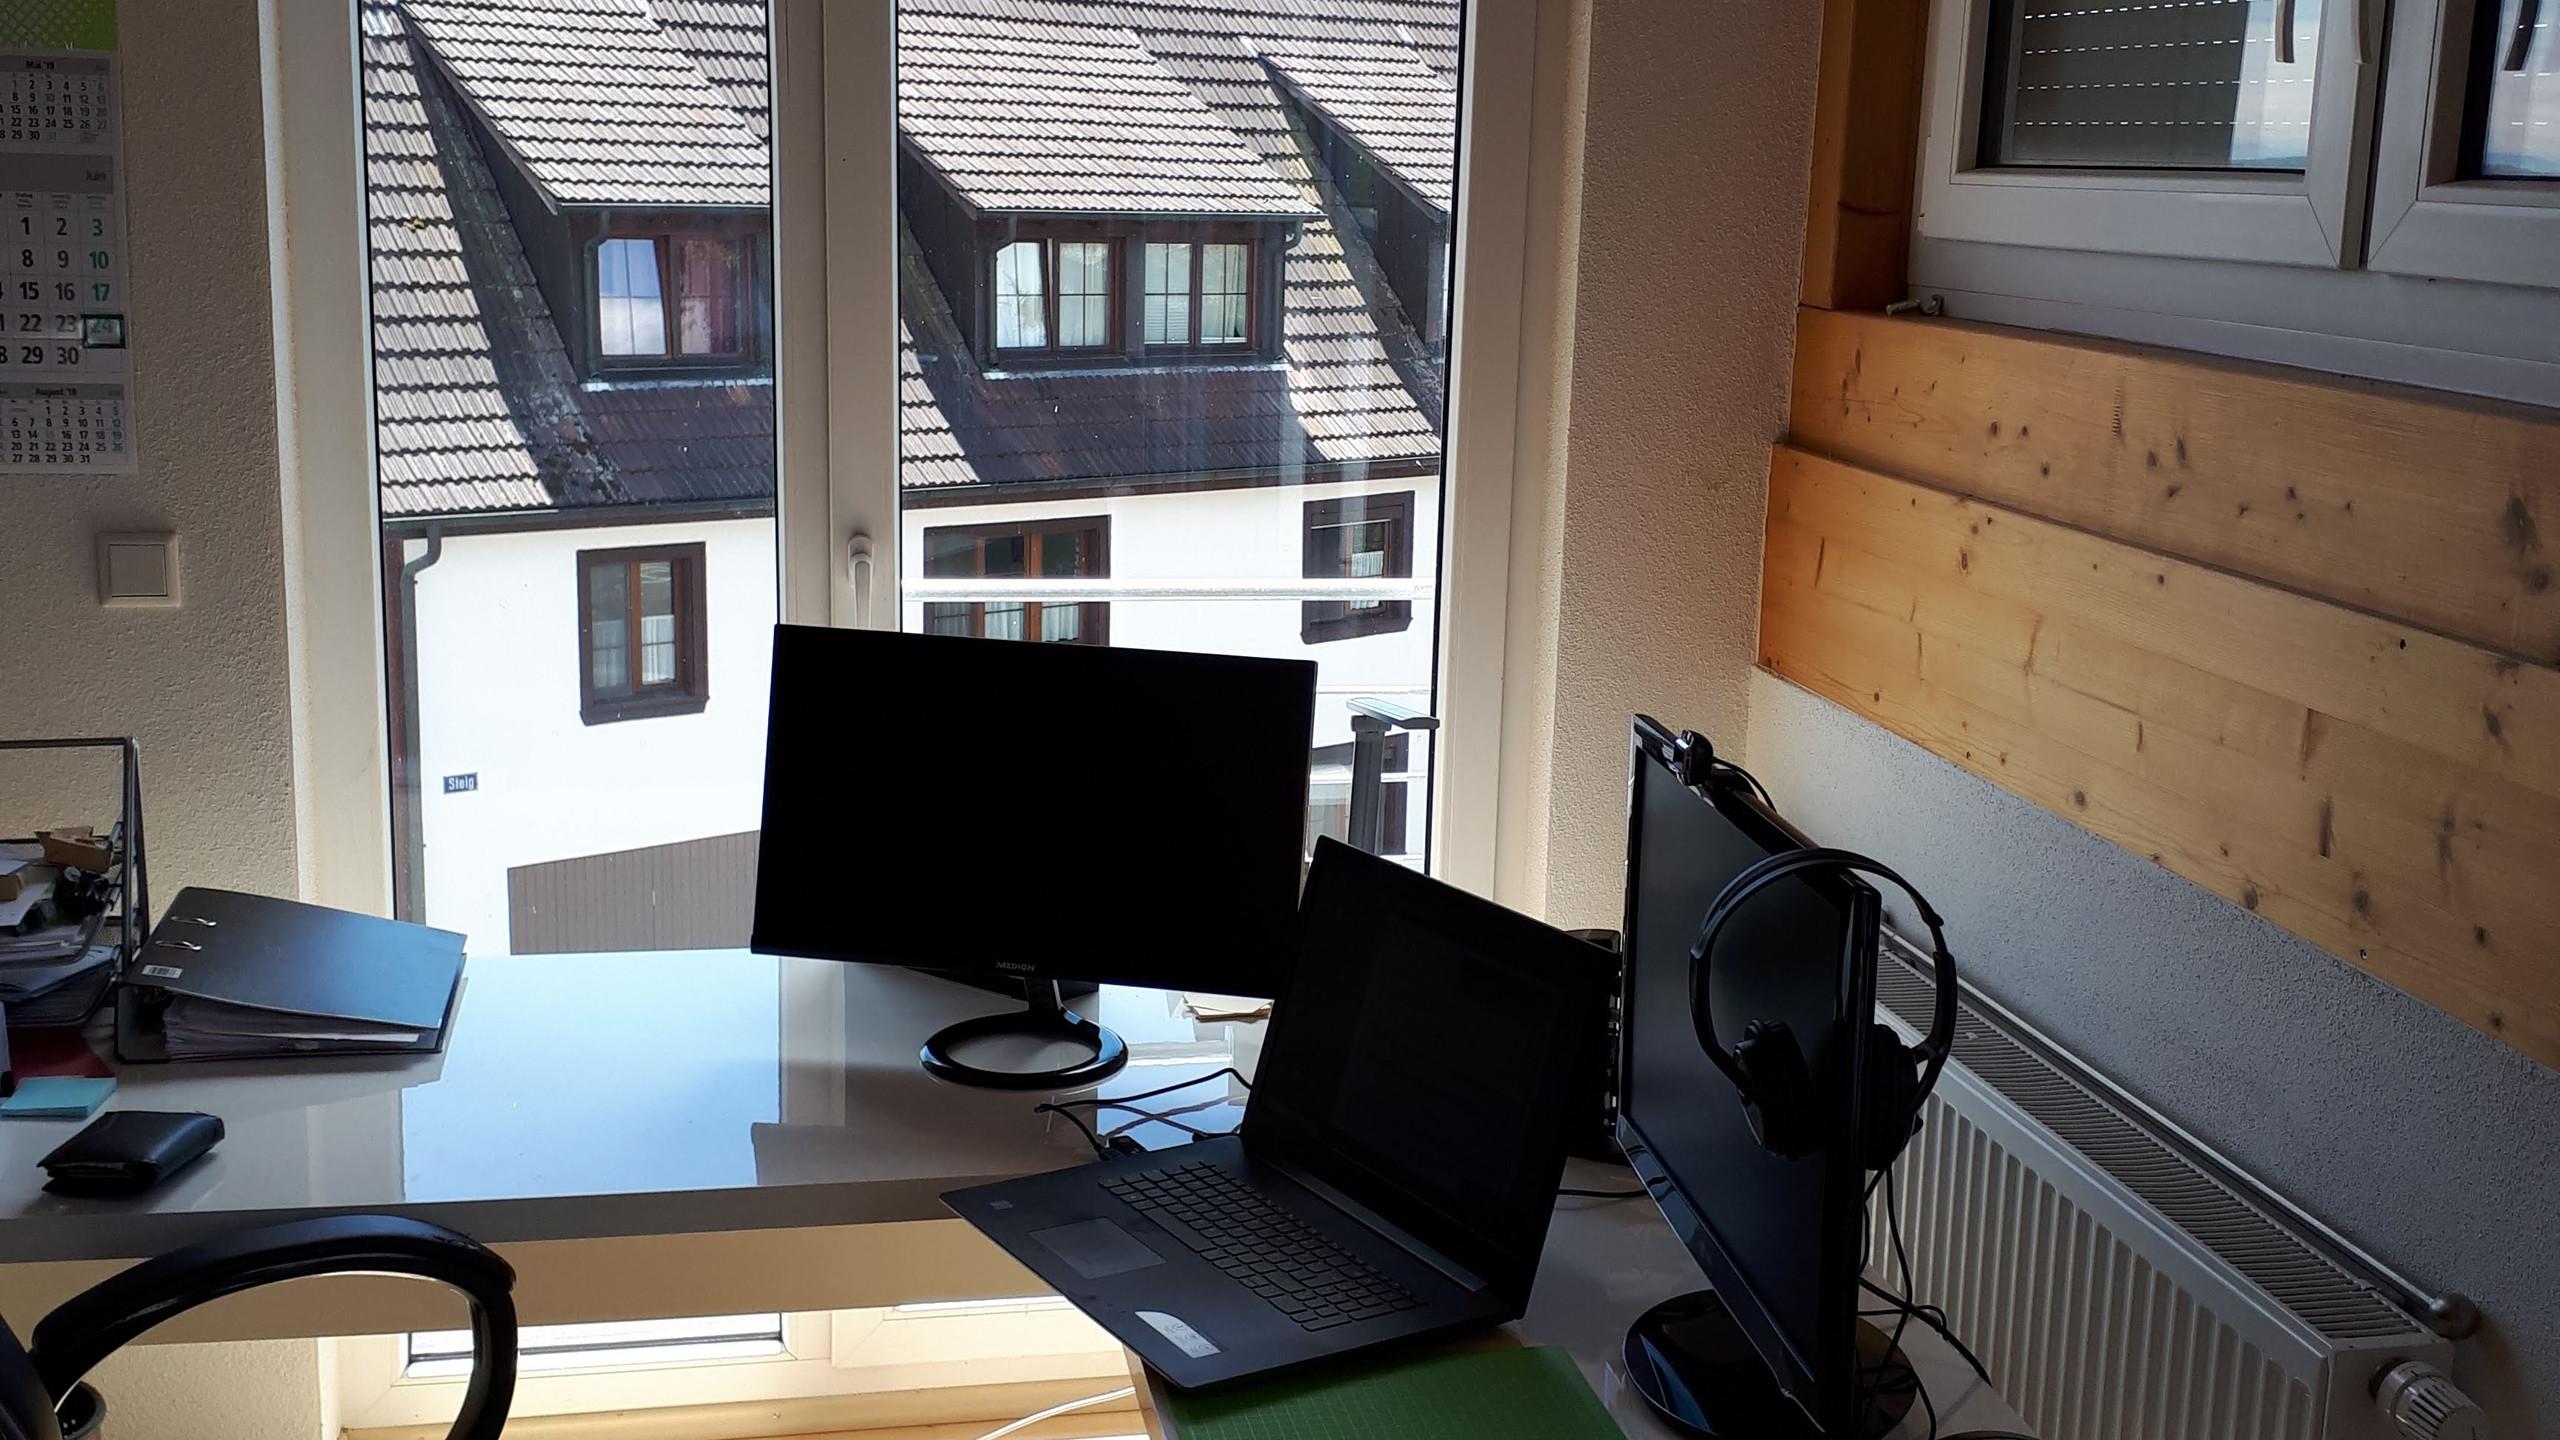 Schrebtisch / desk